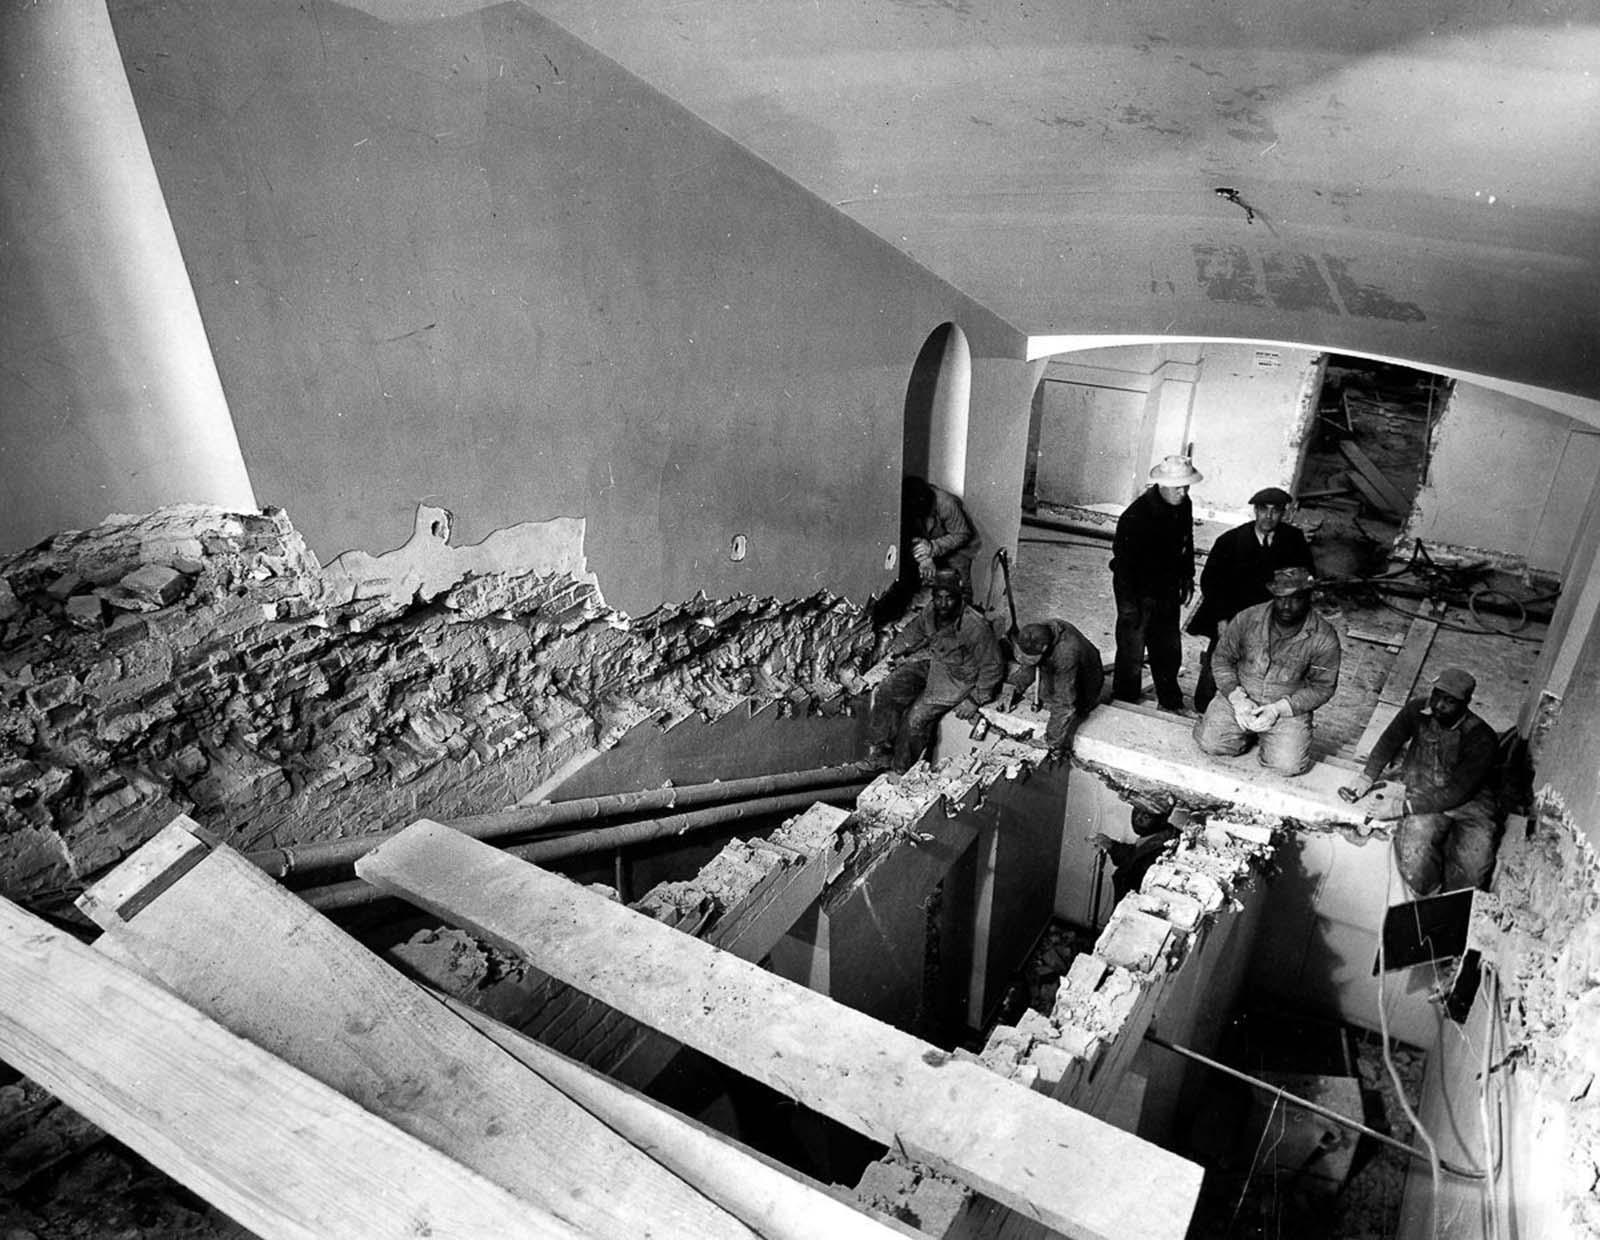 Main stairway of White House. 1950.